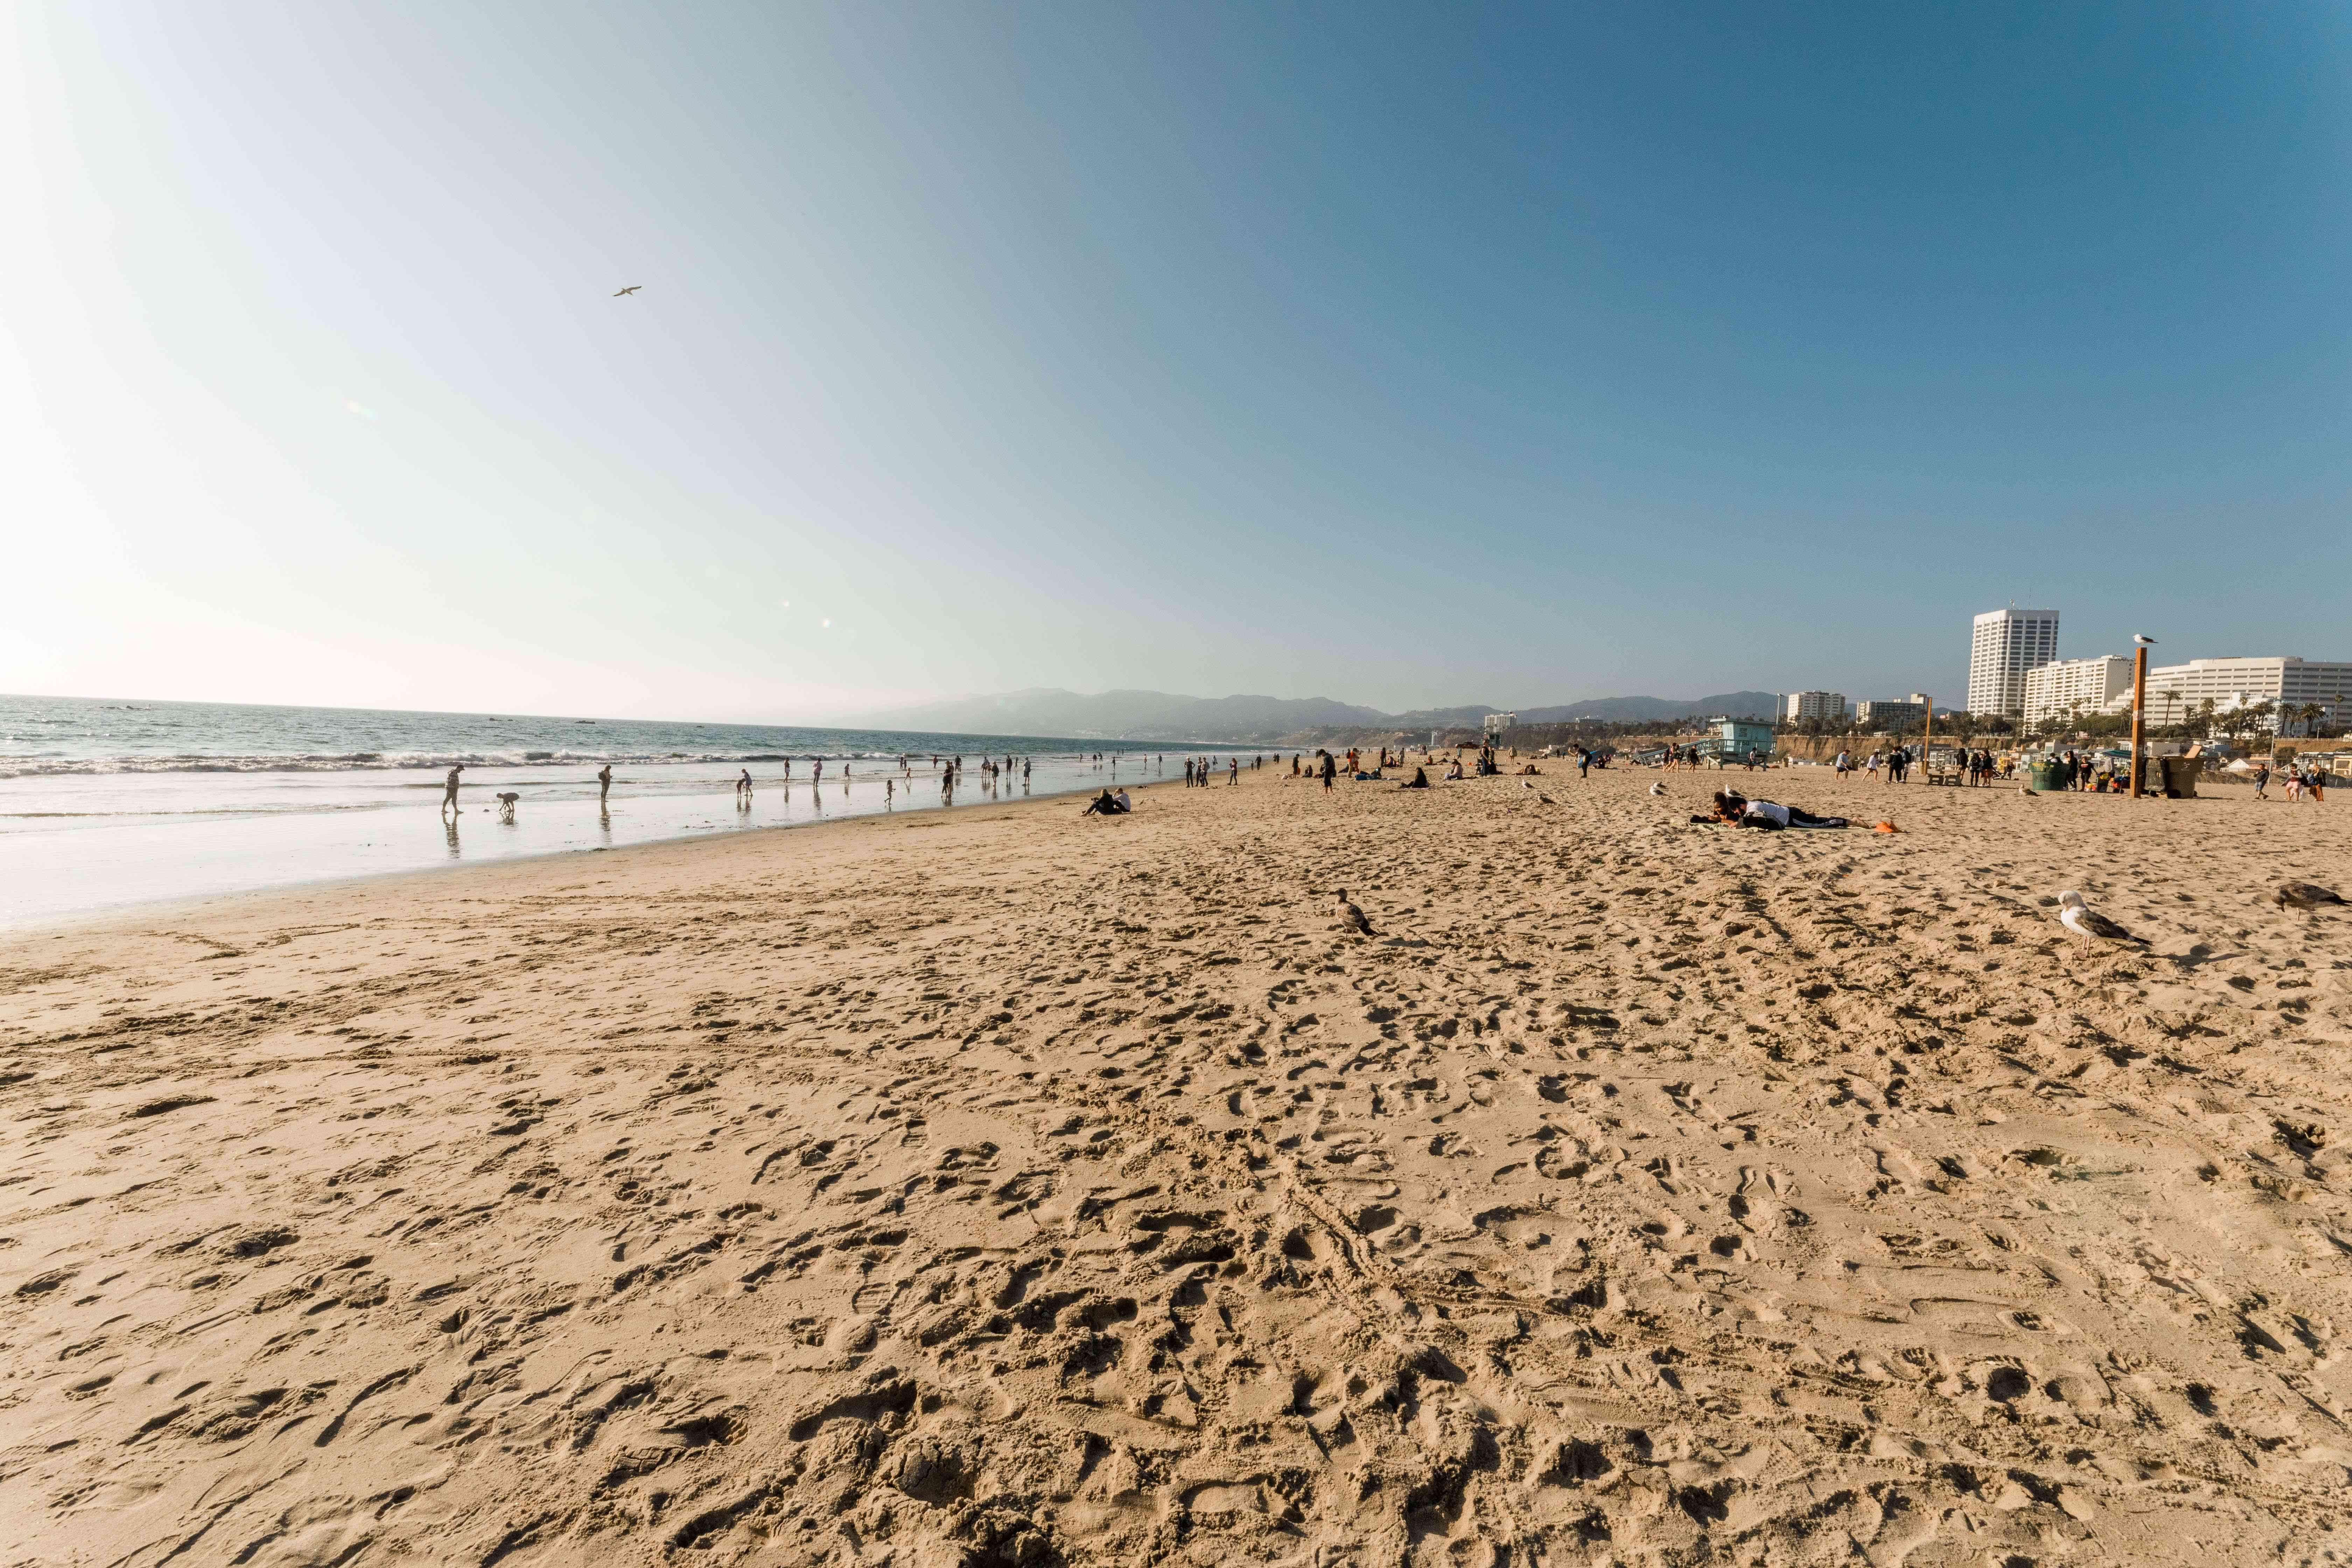 Santa Monica Beach in LA